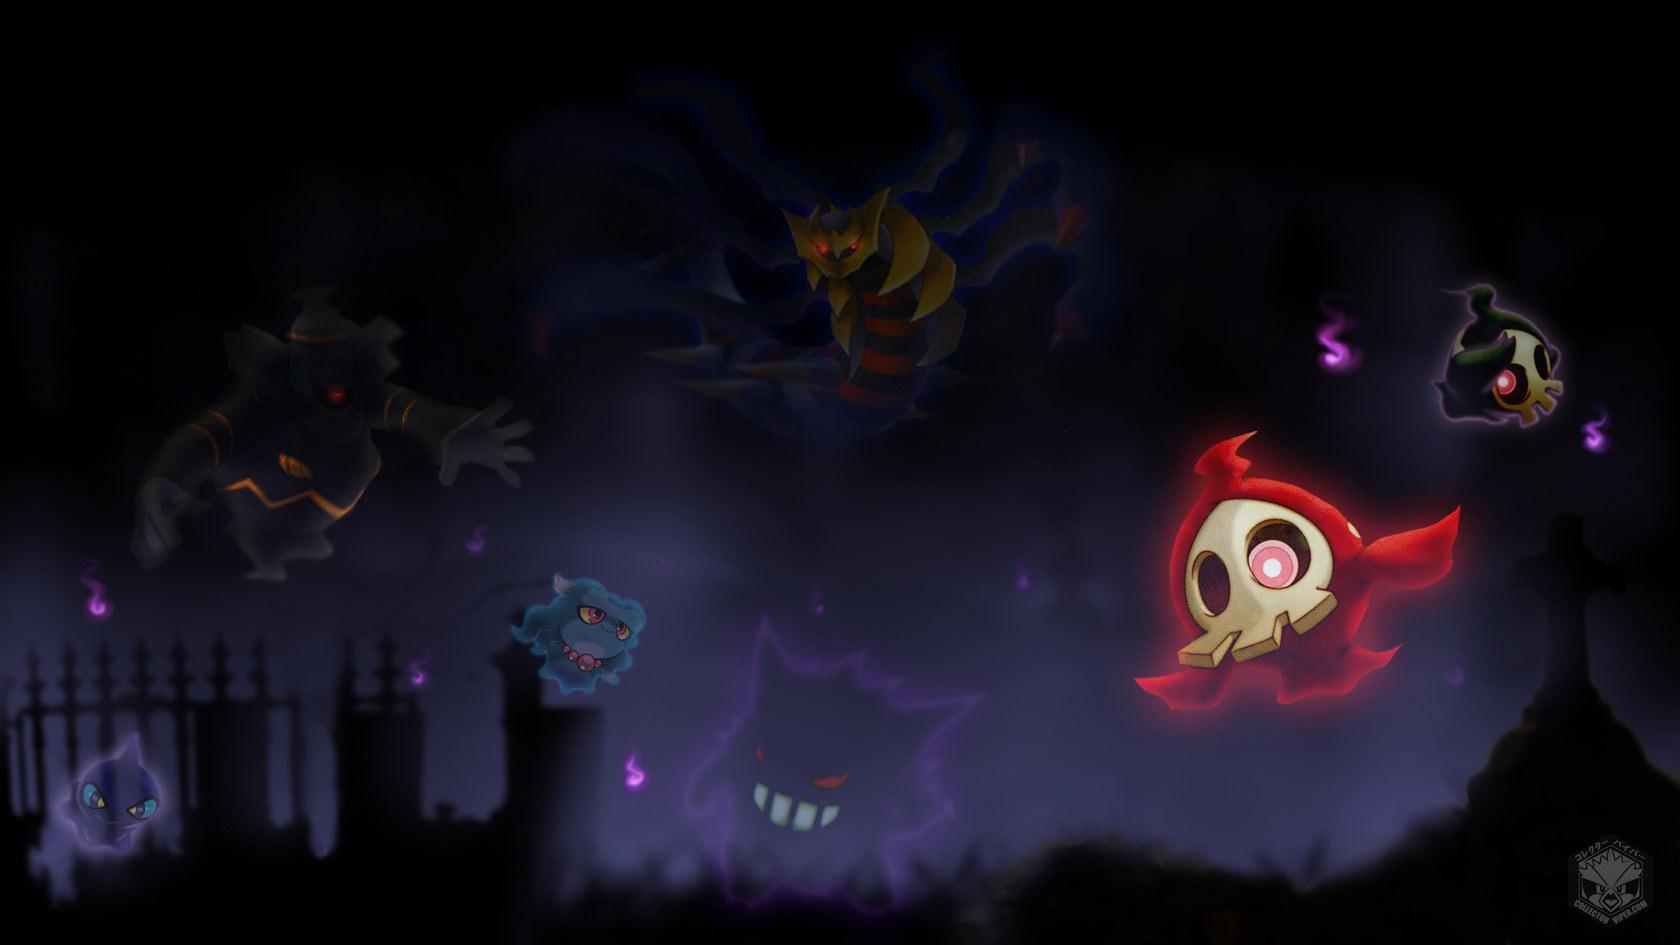 Pok mon 869768 zerochan - Pokemon ghost wallpaper ...